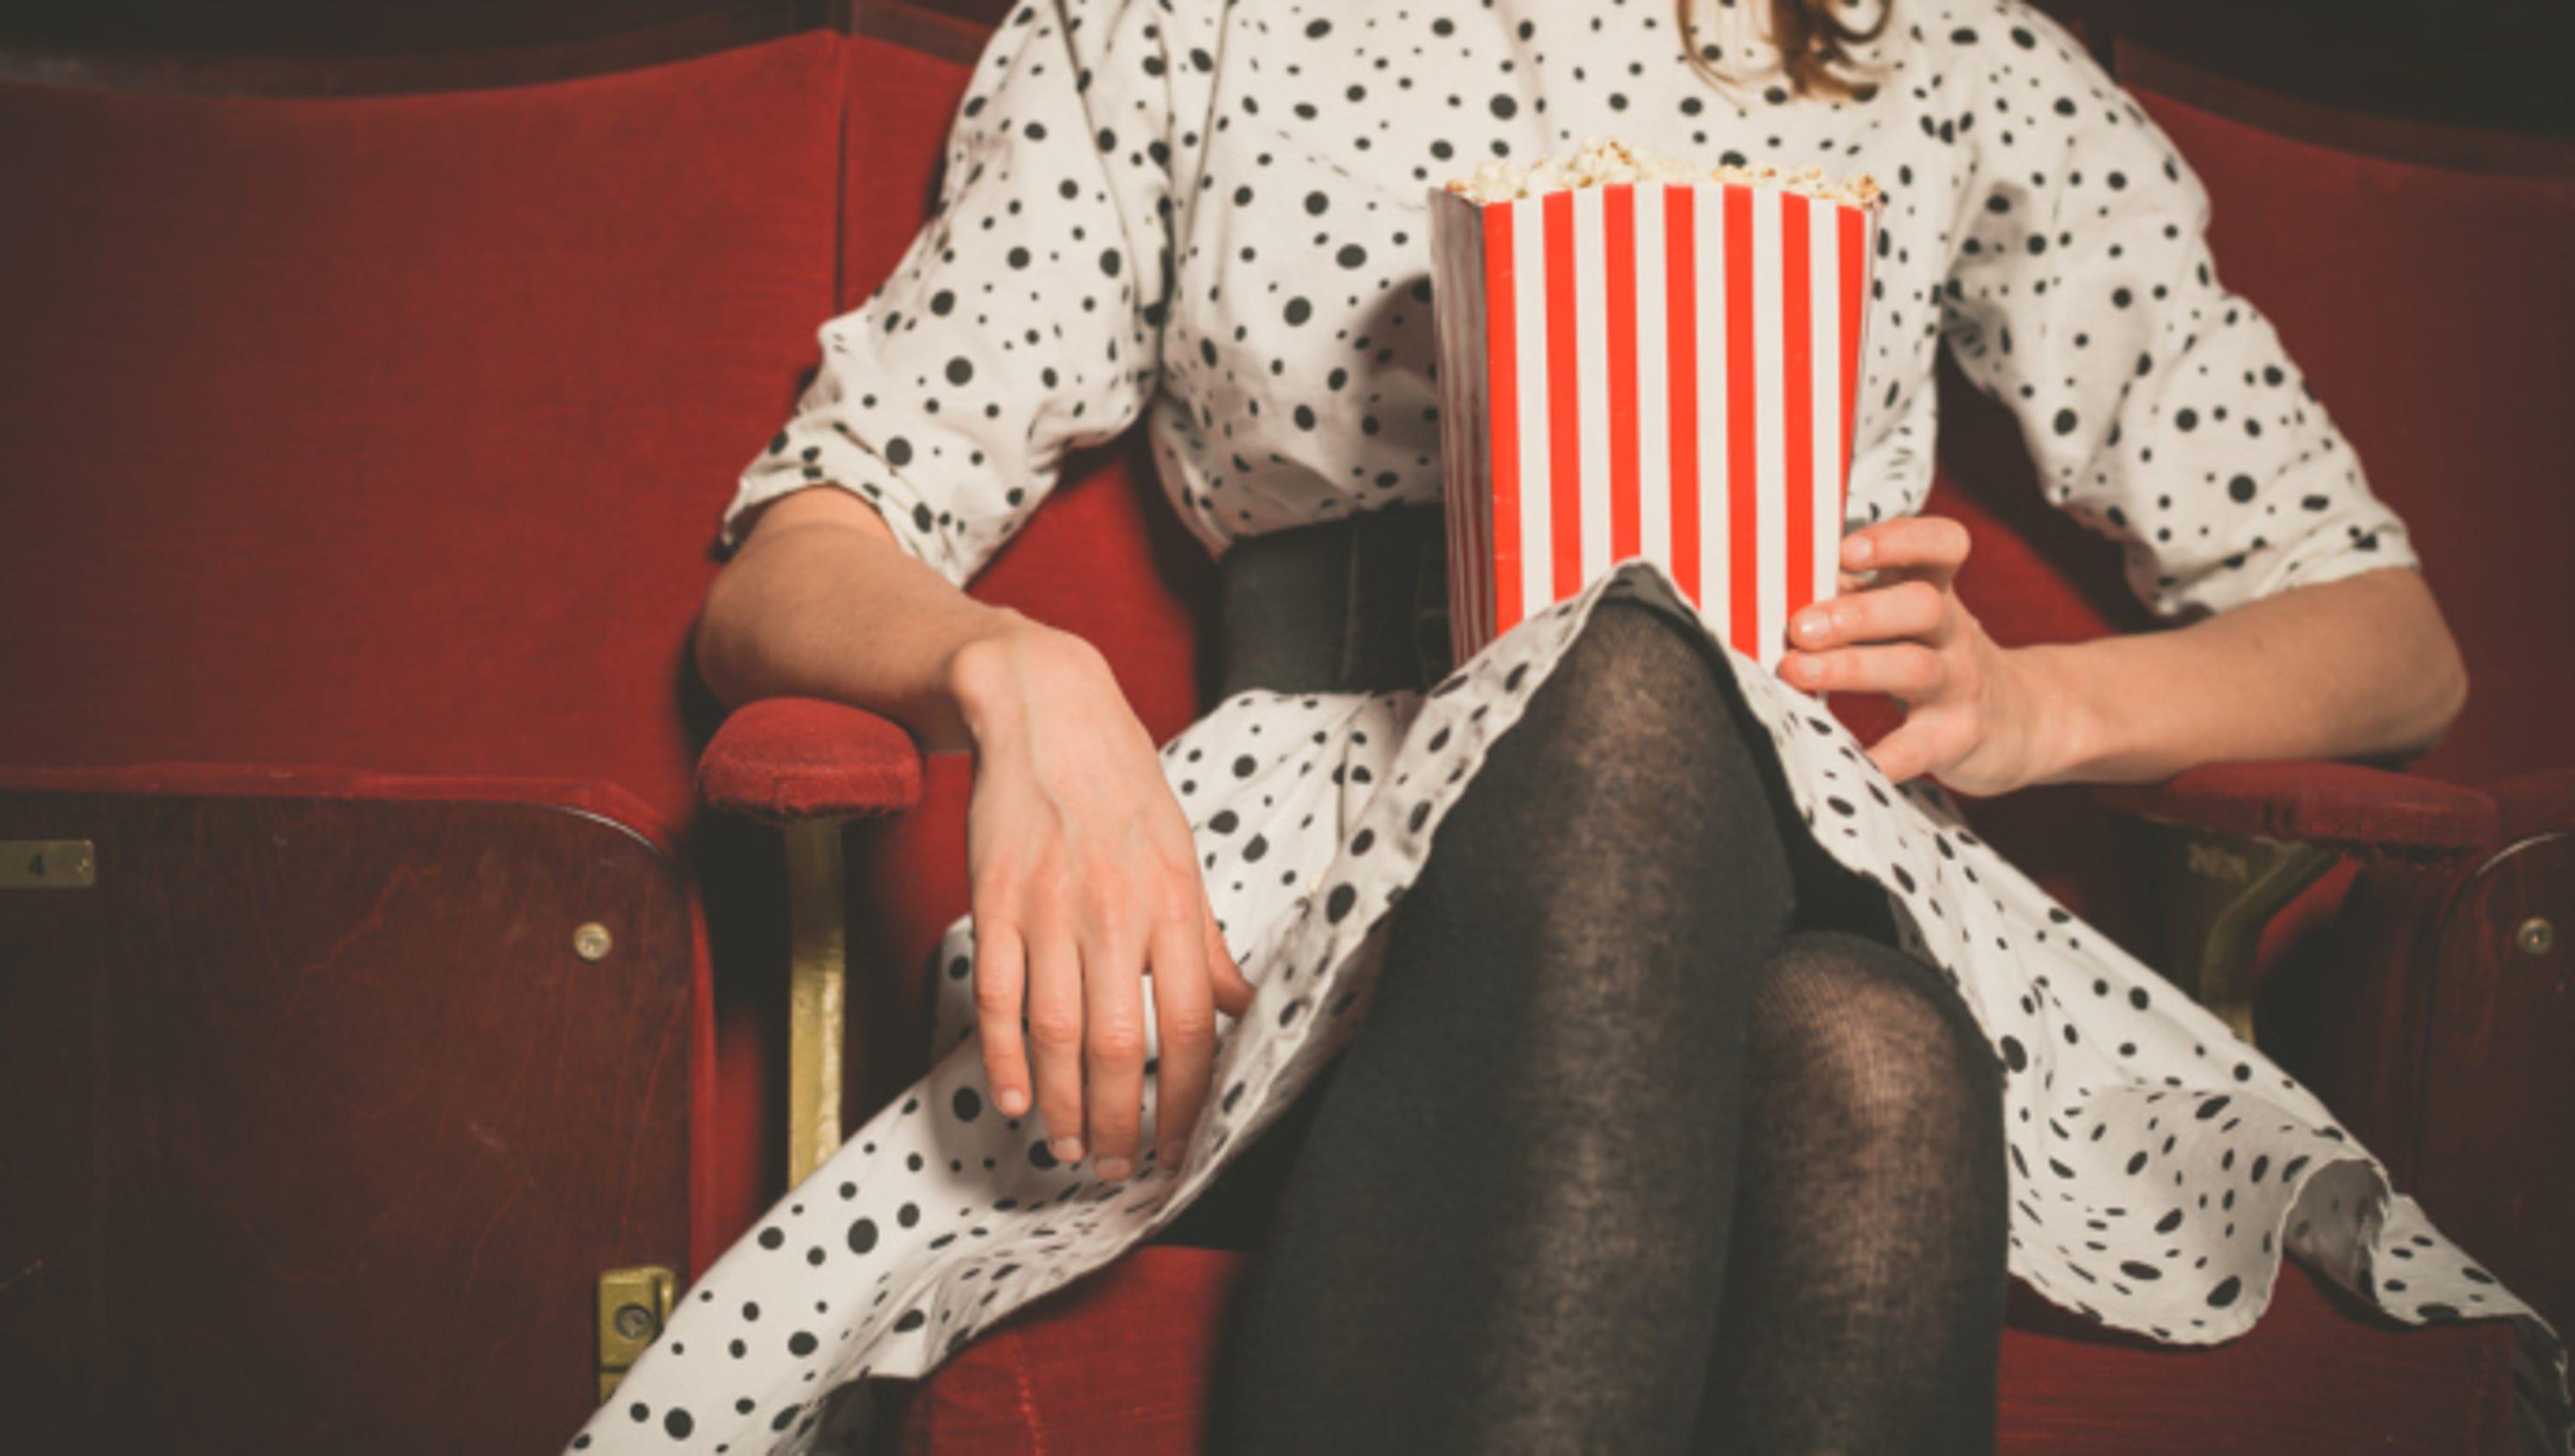 cincinnati enquirer cincinnati com deals discount tickets at amc regal theaters